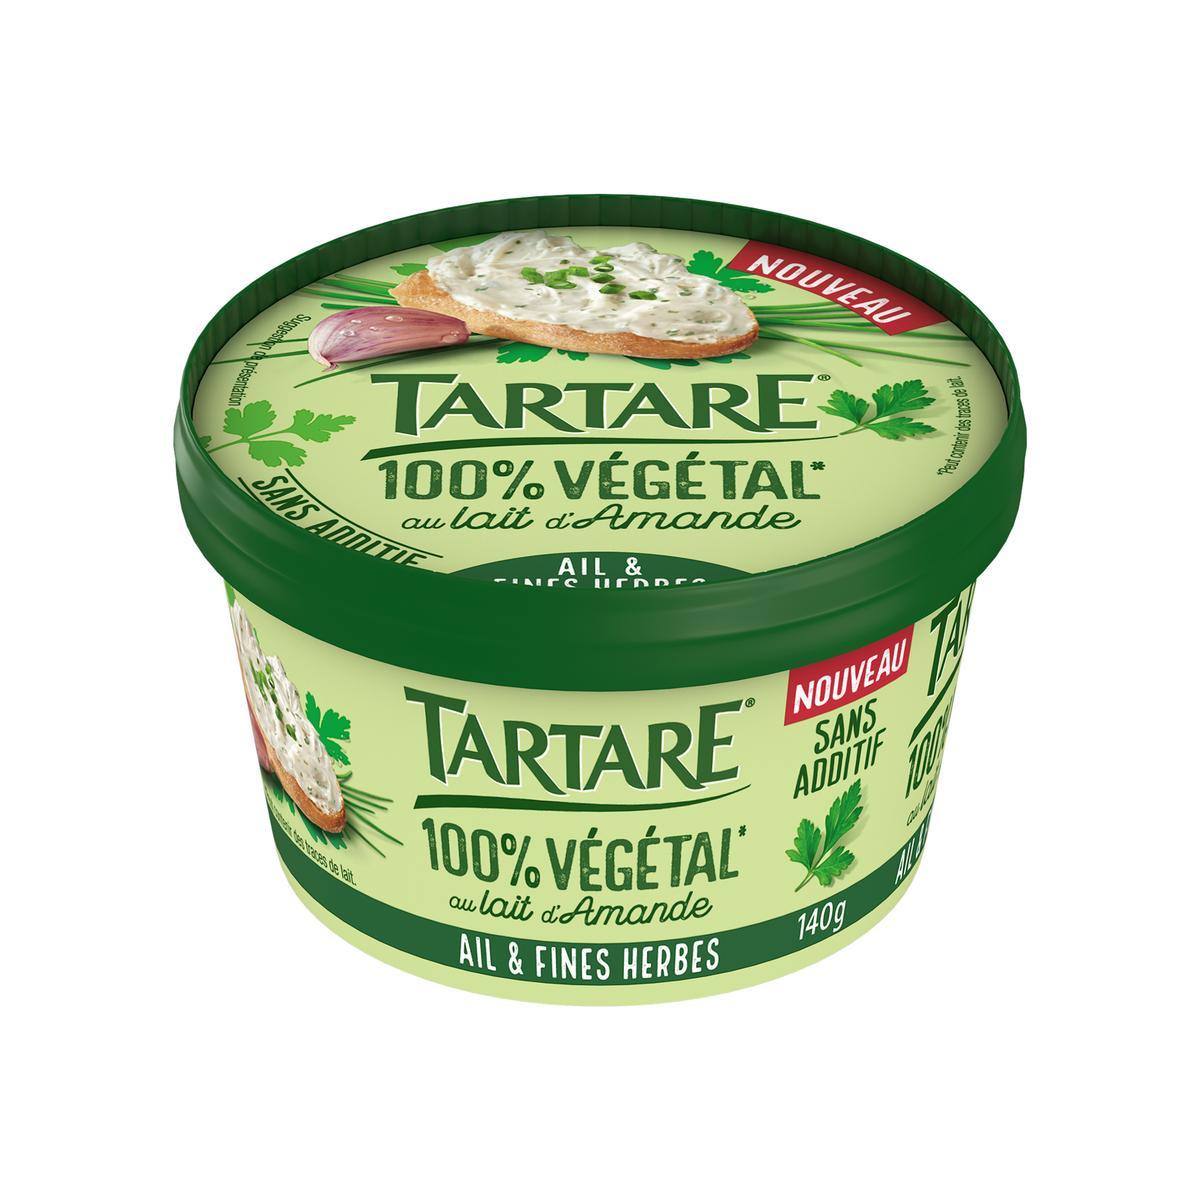 Pot Tartare - Tartare sort une recette 100% végétale